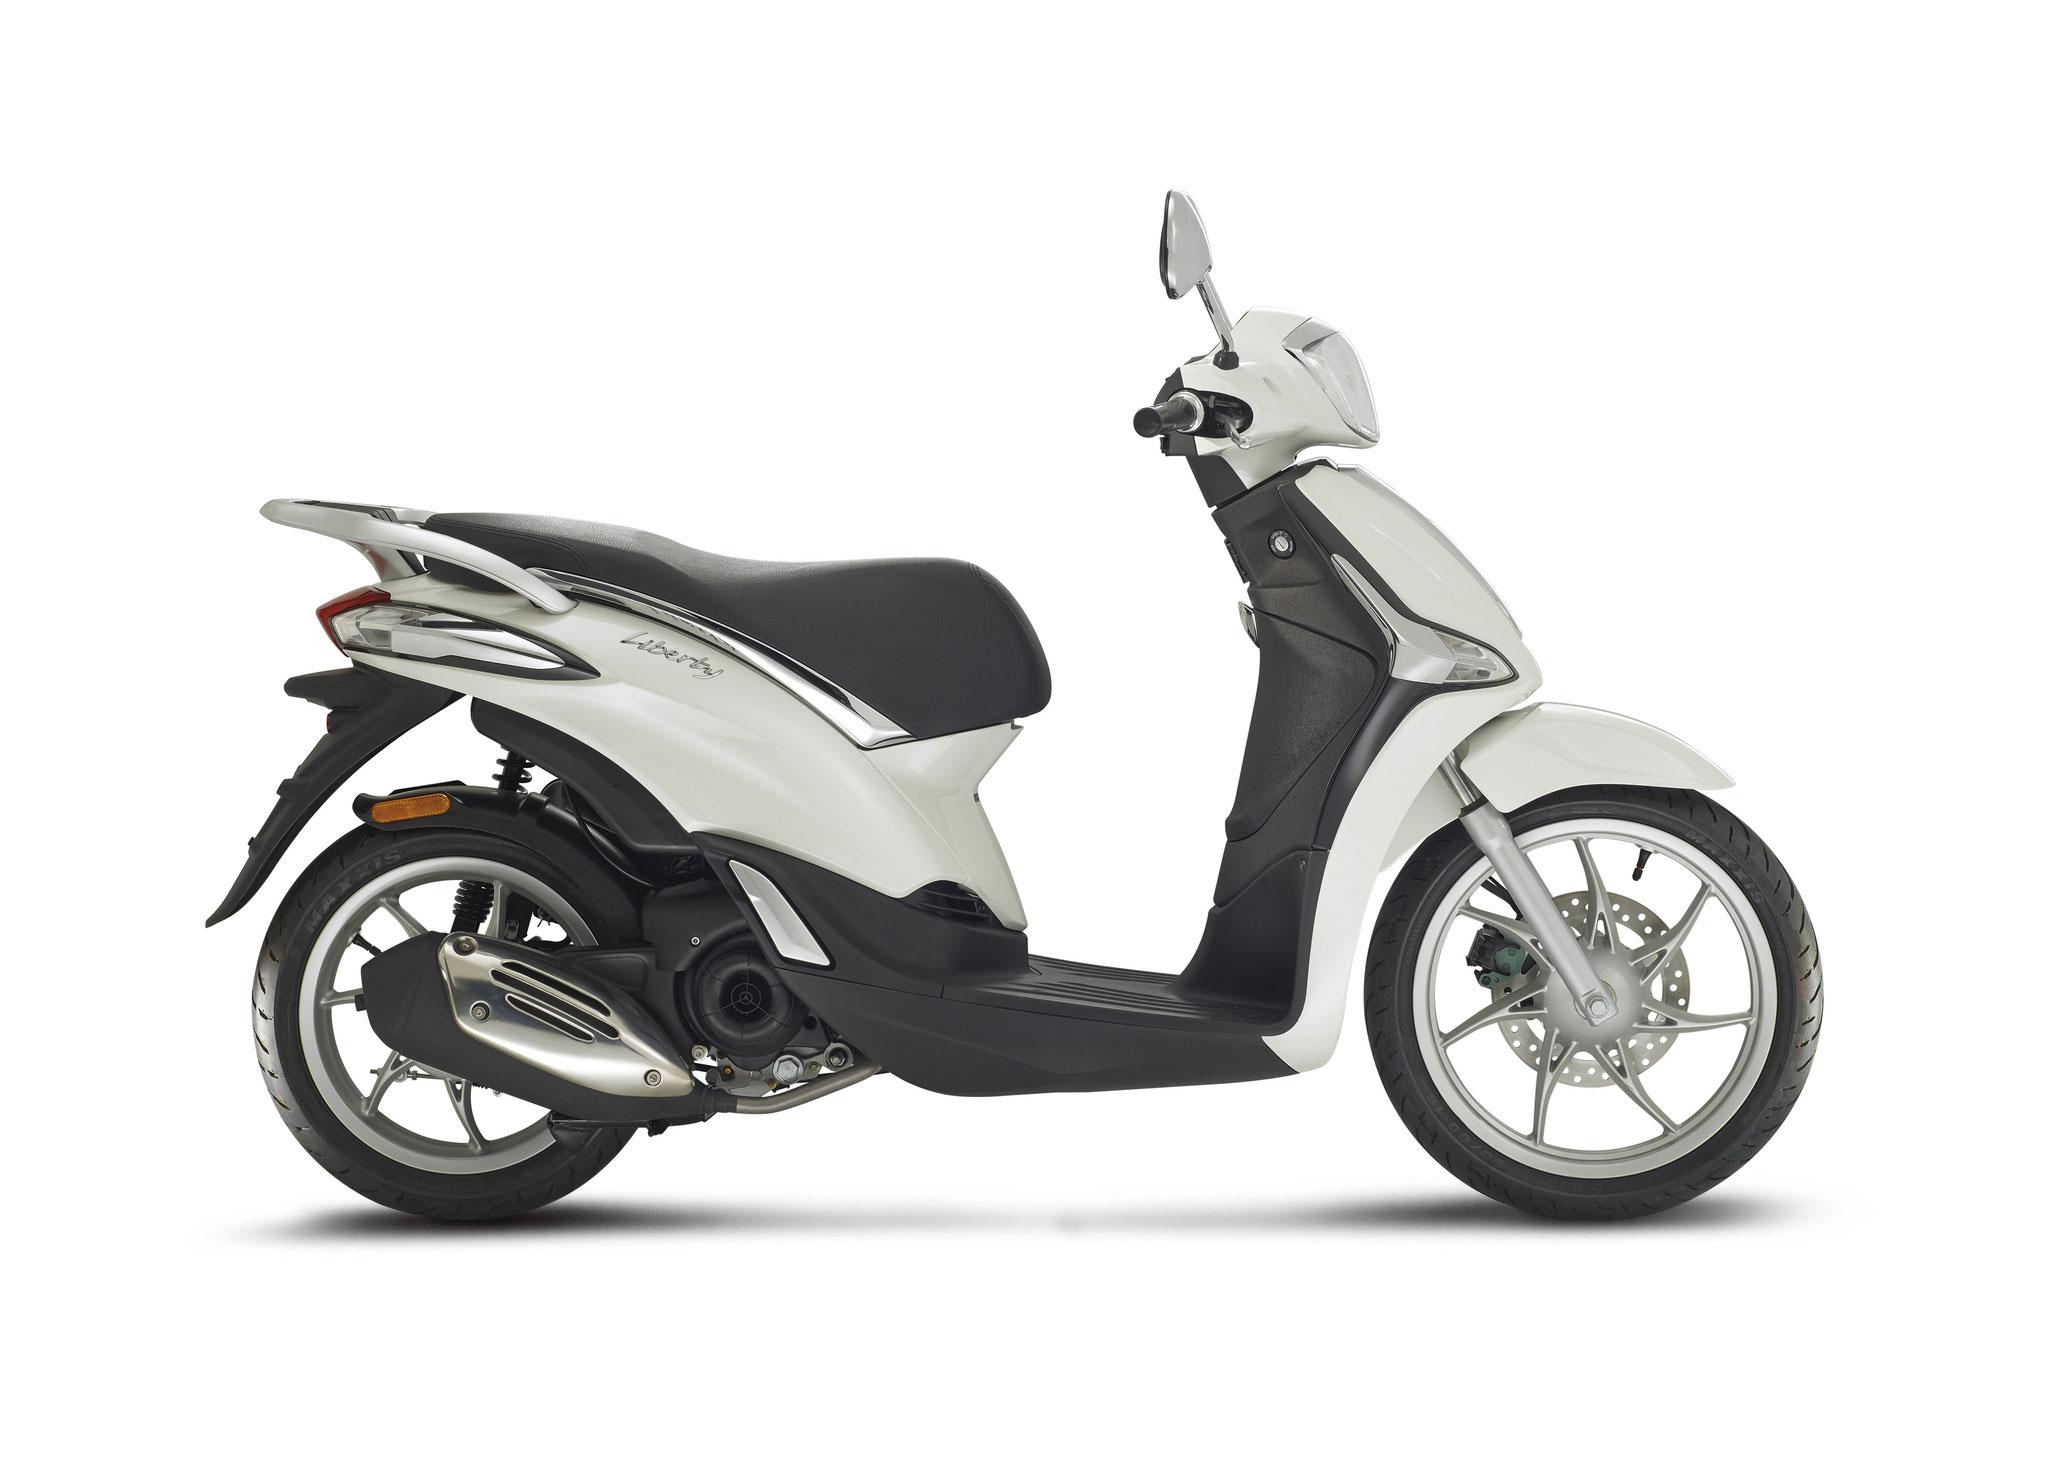 Piaggio Liberty 4t3v Iget Euro4 25/45 km/h wit: € 2609,- Voor meer informatie, klik op de foto.